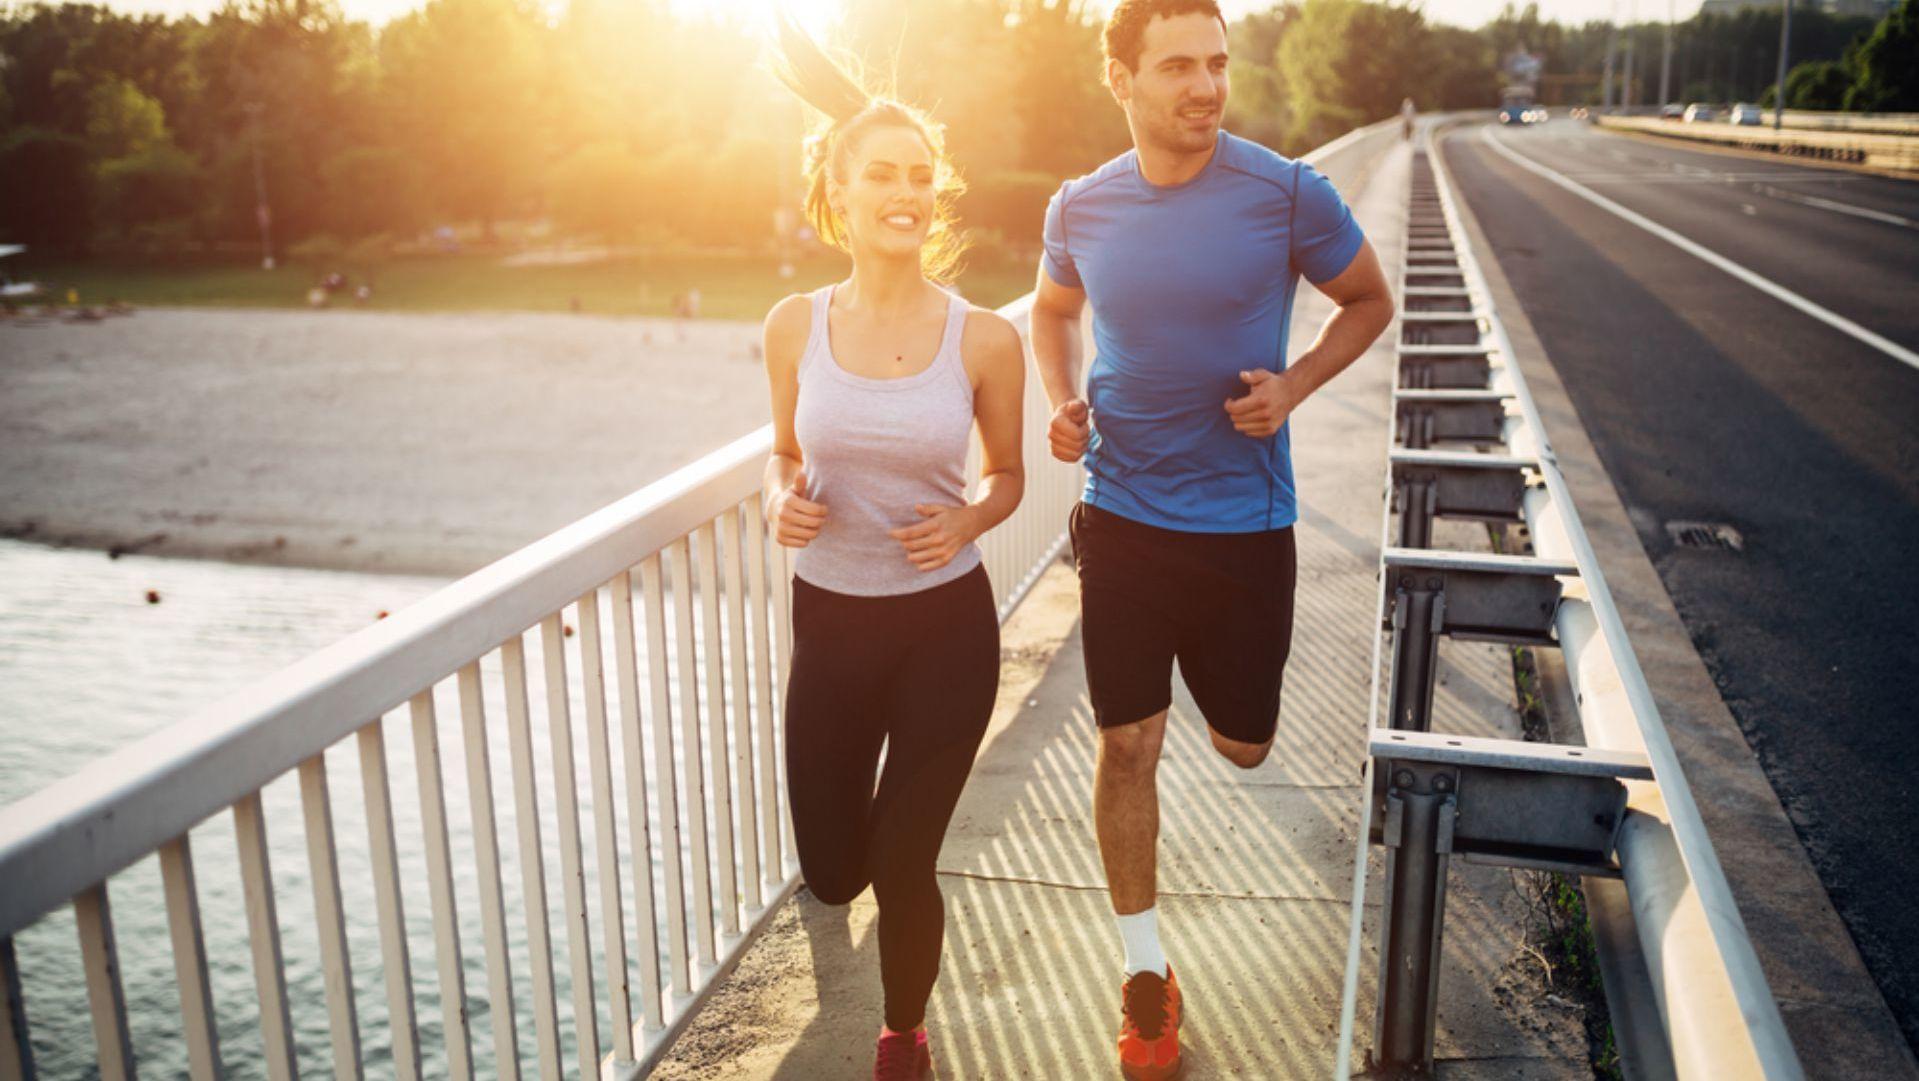 90e8de18d9 Atividade física  entenda como ela pode melhorar a sua saúde